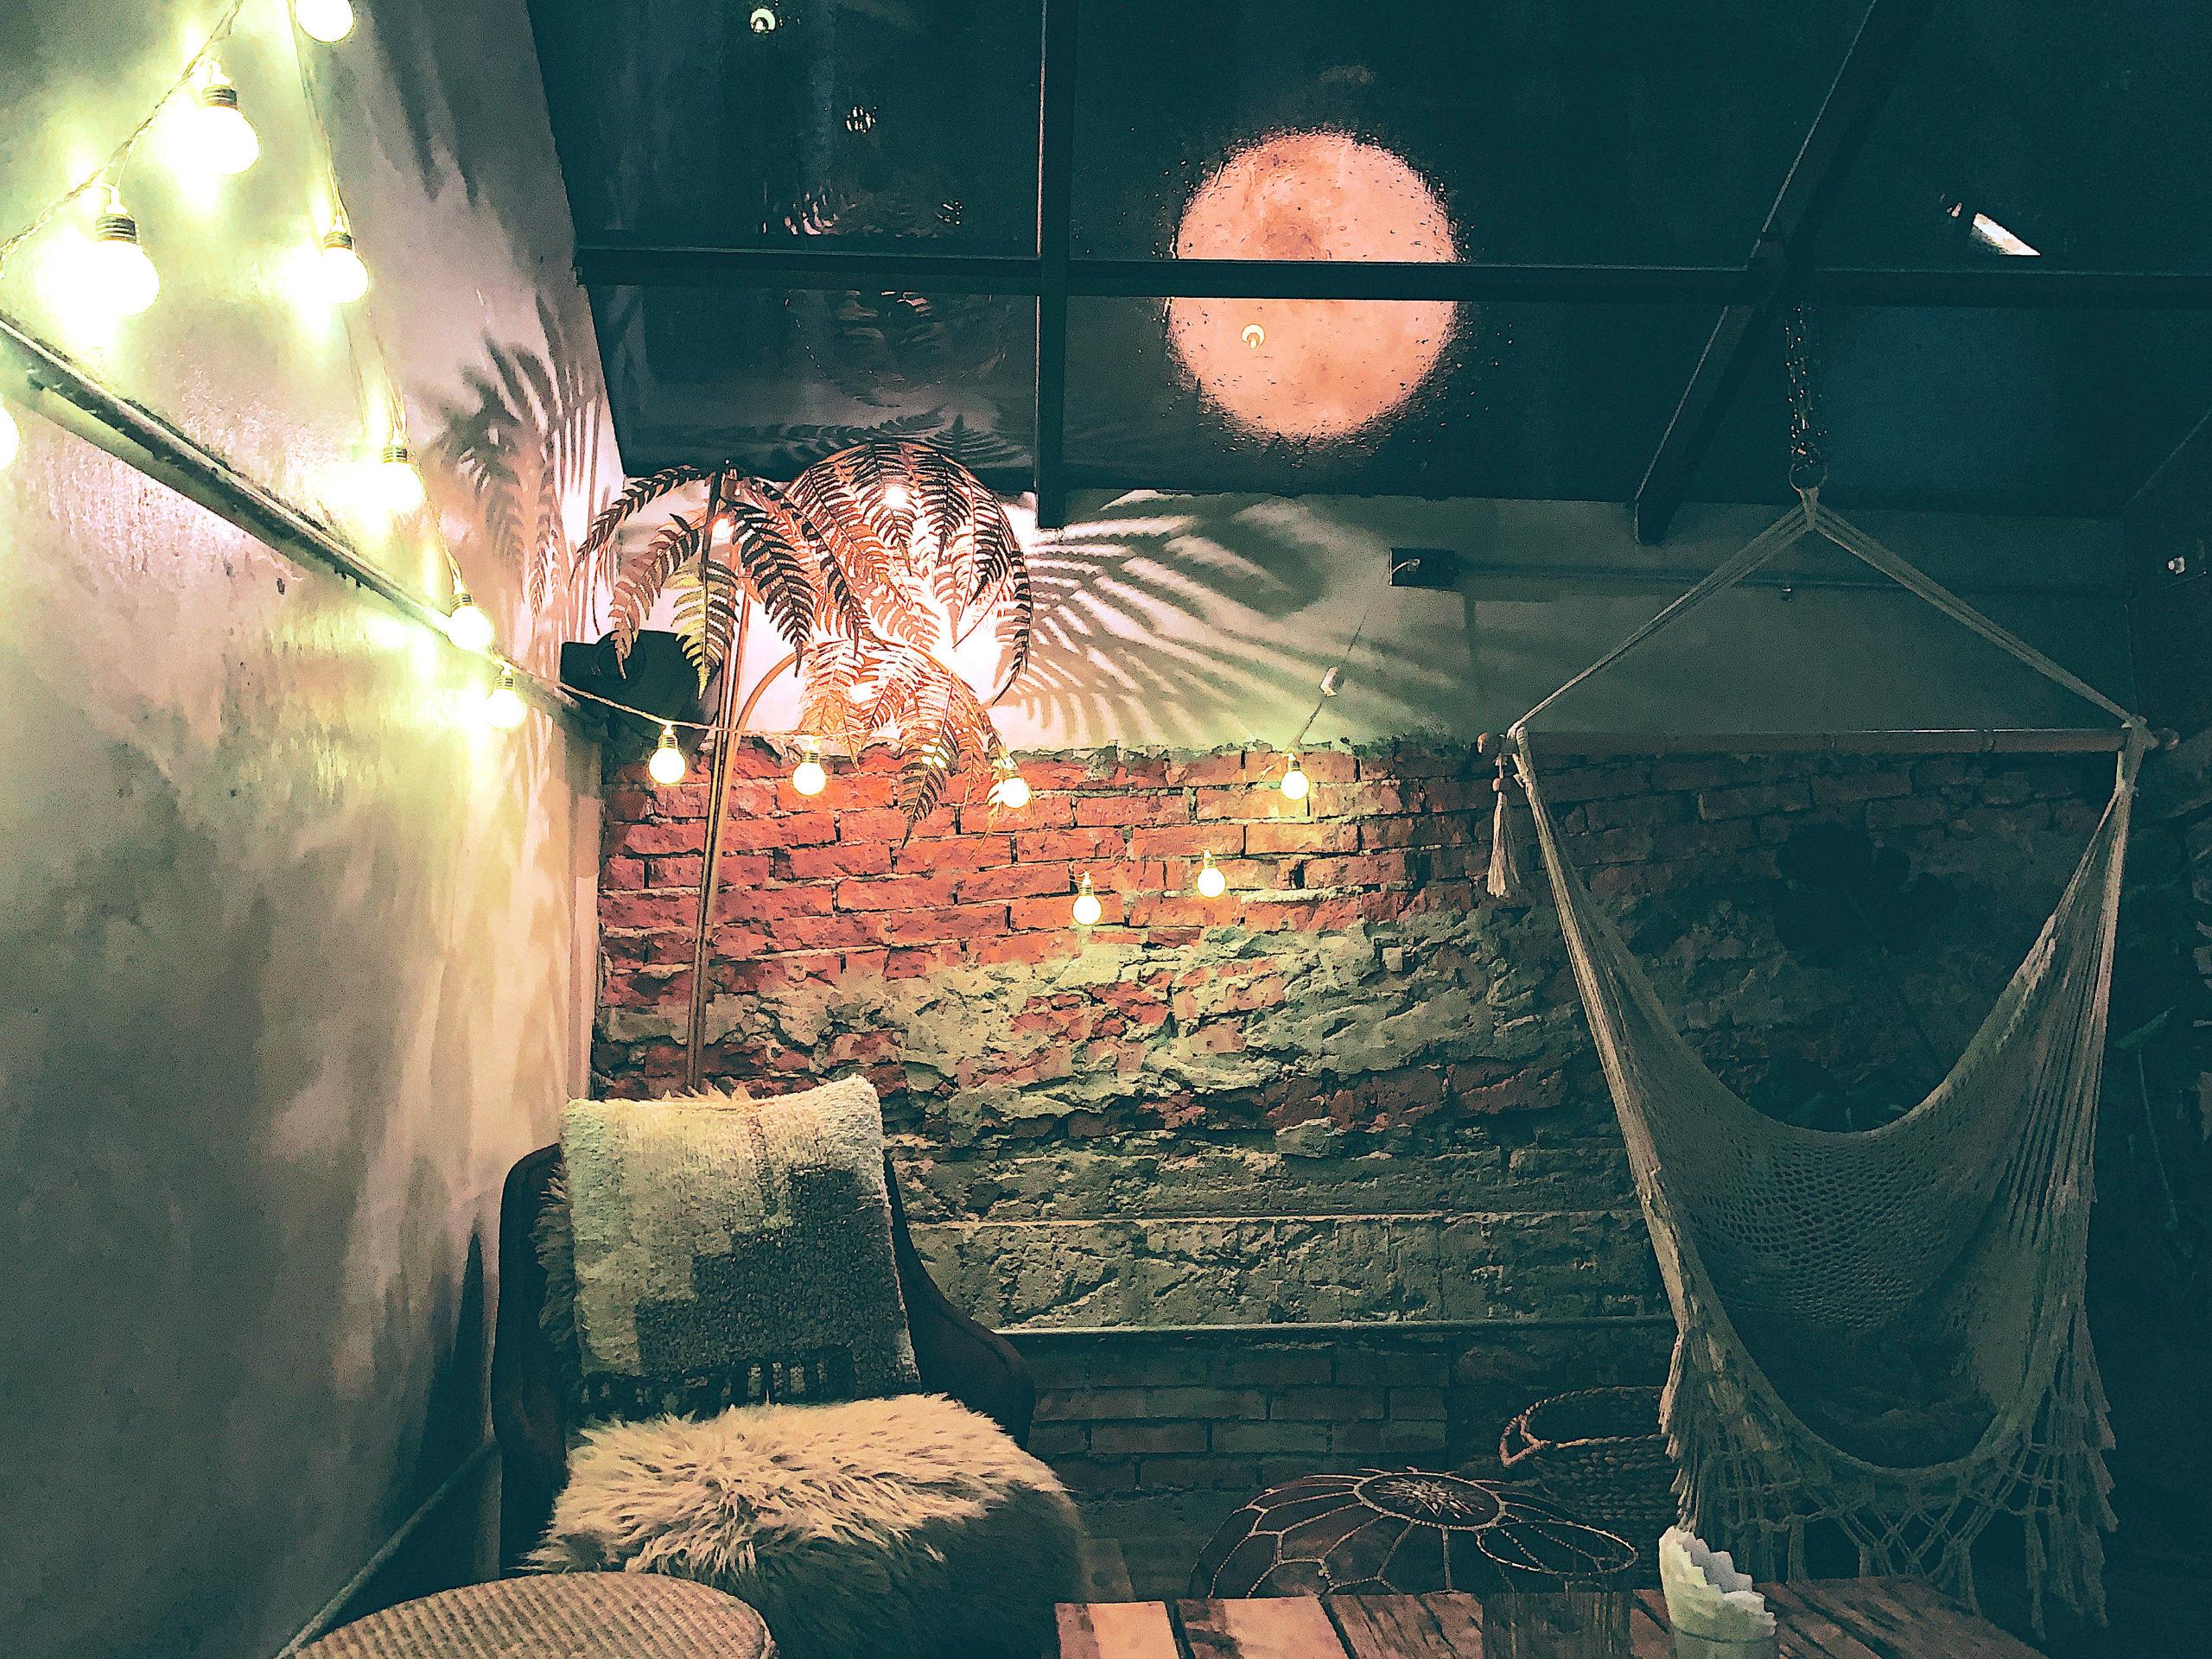 台北大安區|洒麻辣+洒家2.0 網美麻辣火鍋店和好喝調酒酒吧推薦